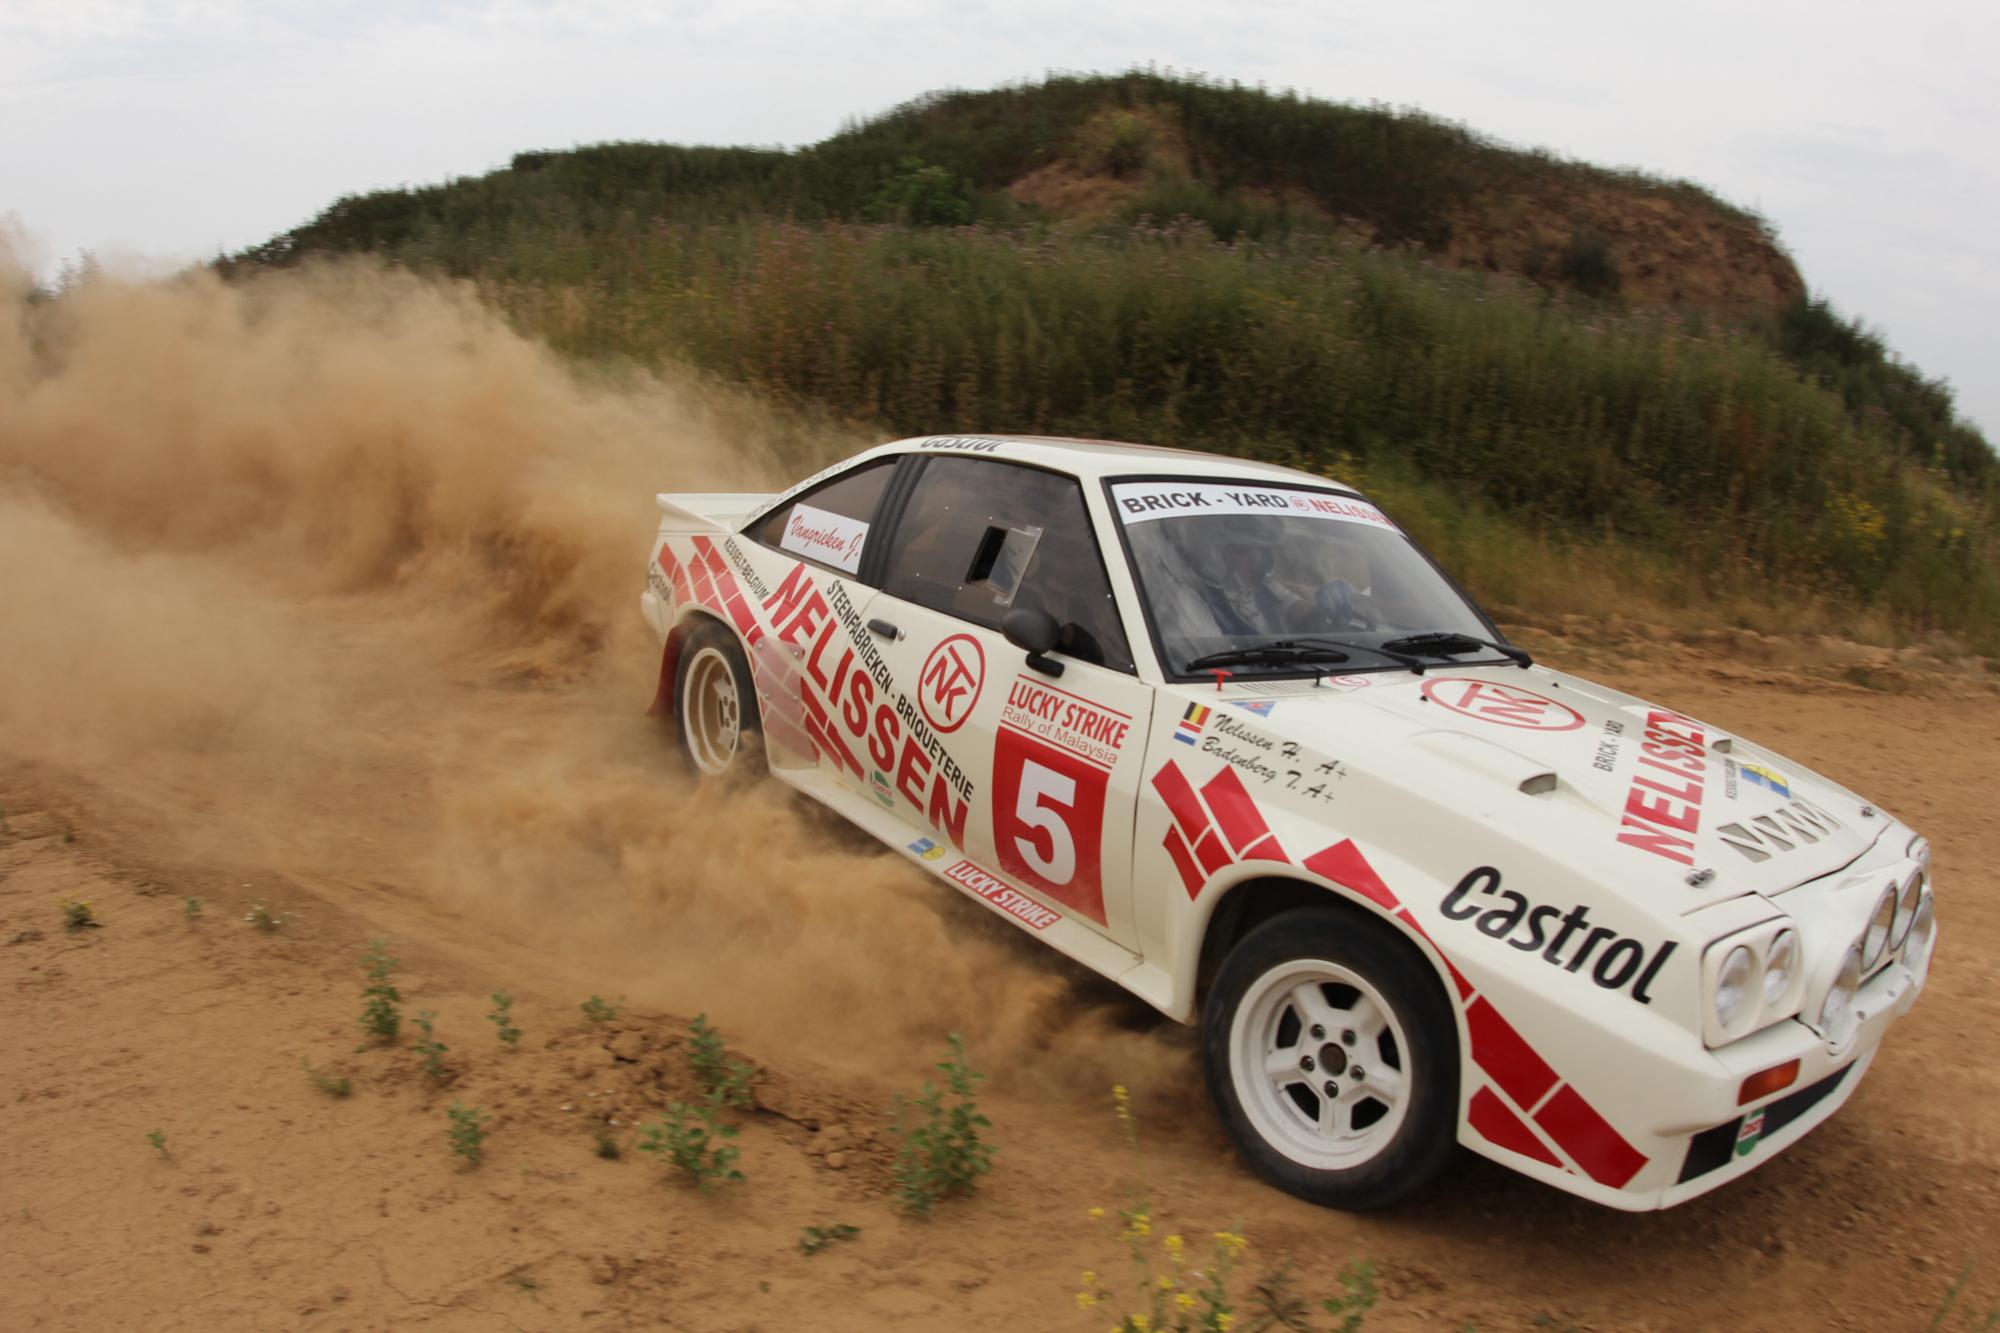 Robert Droogmans met Nelissen Historic Rally-Team in East Belgian Rally.